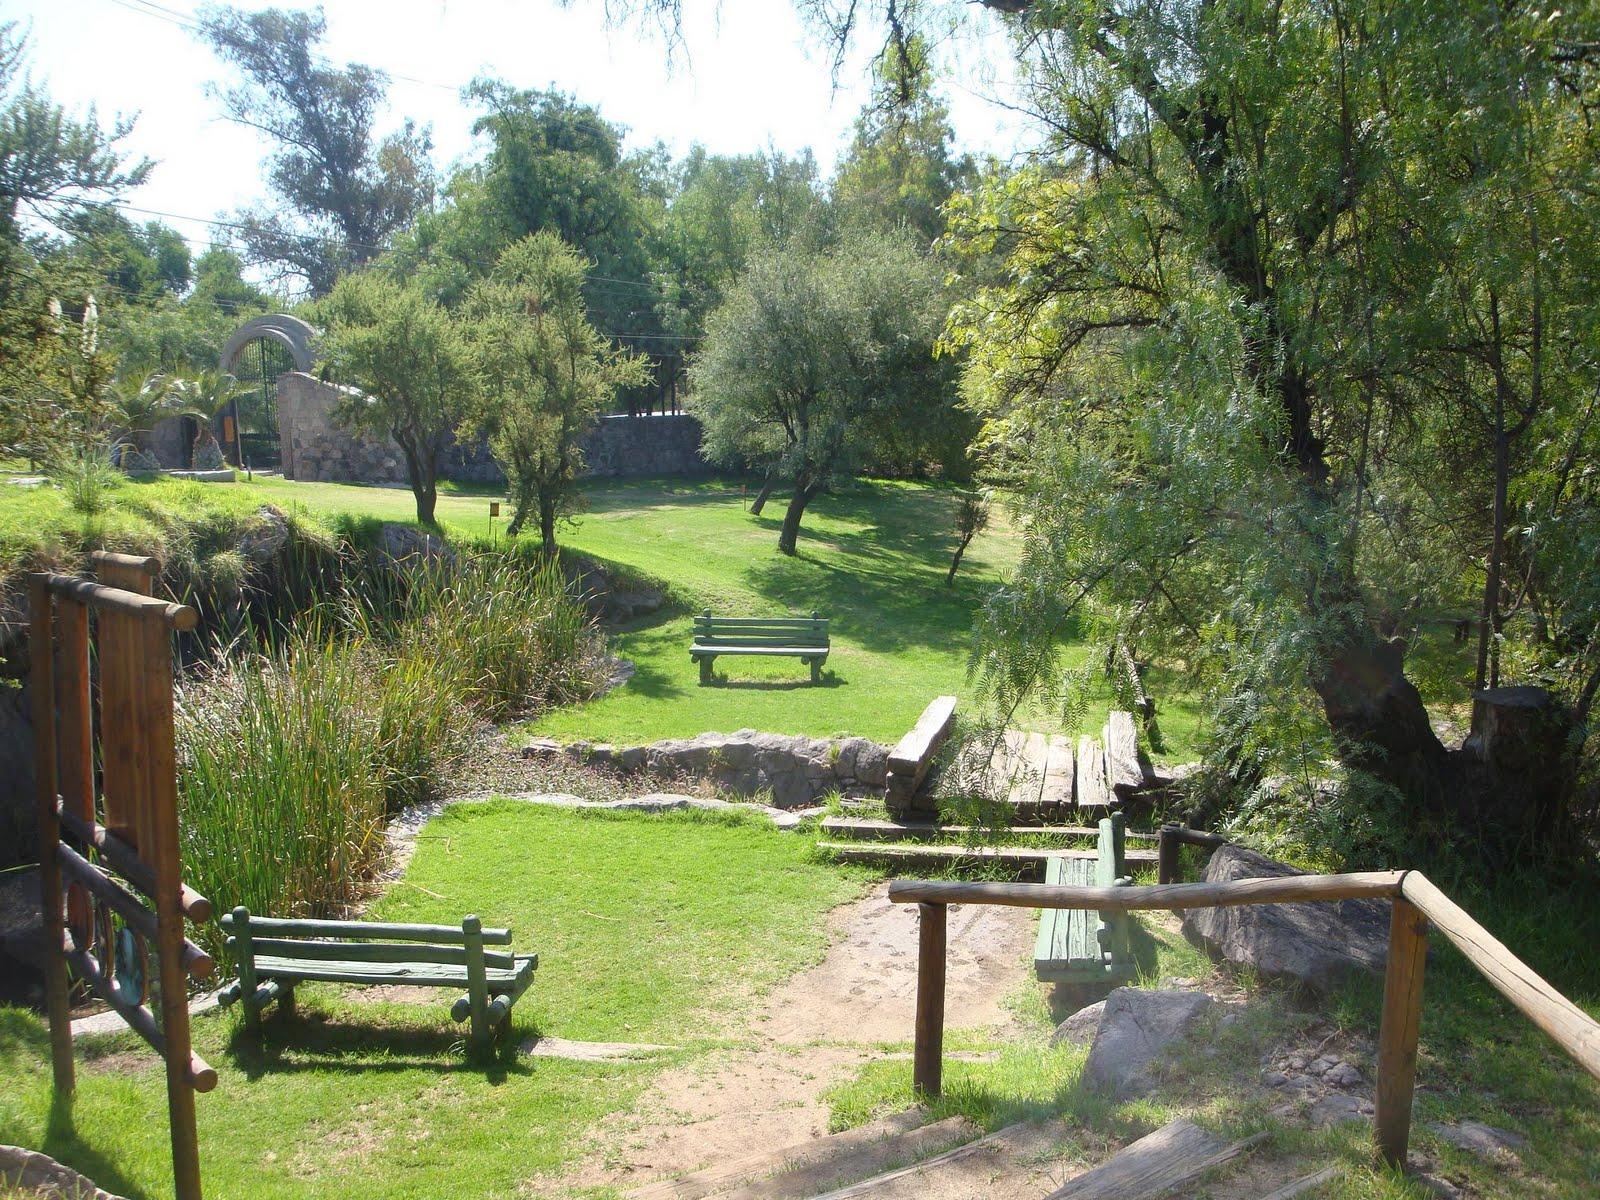 Viaje a sudam rica jardin botanico mapulemu for Jardin botanico costo entrada